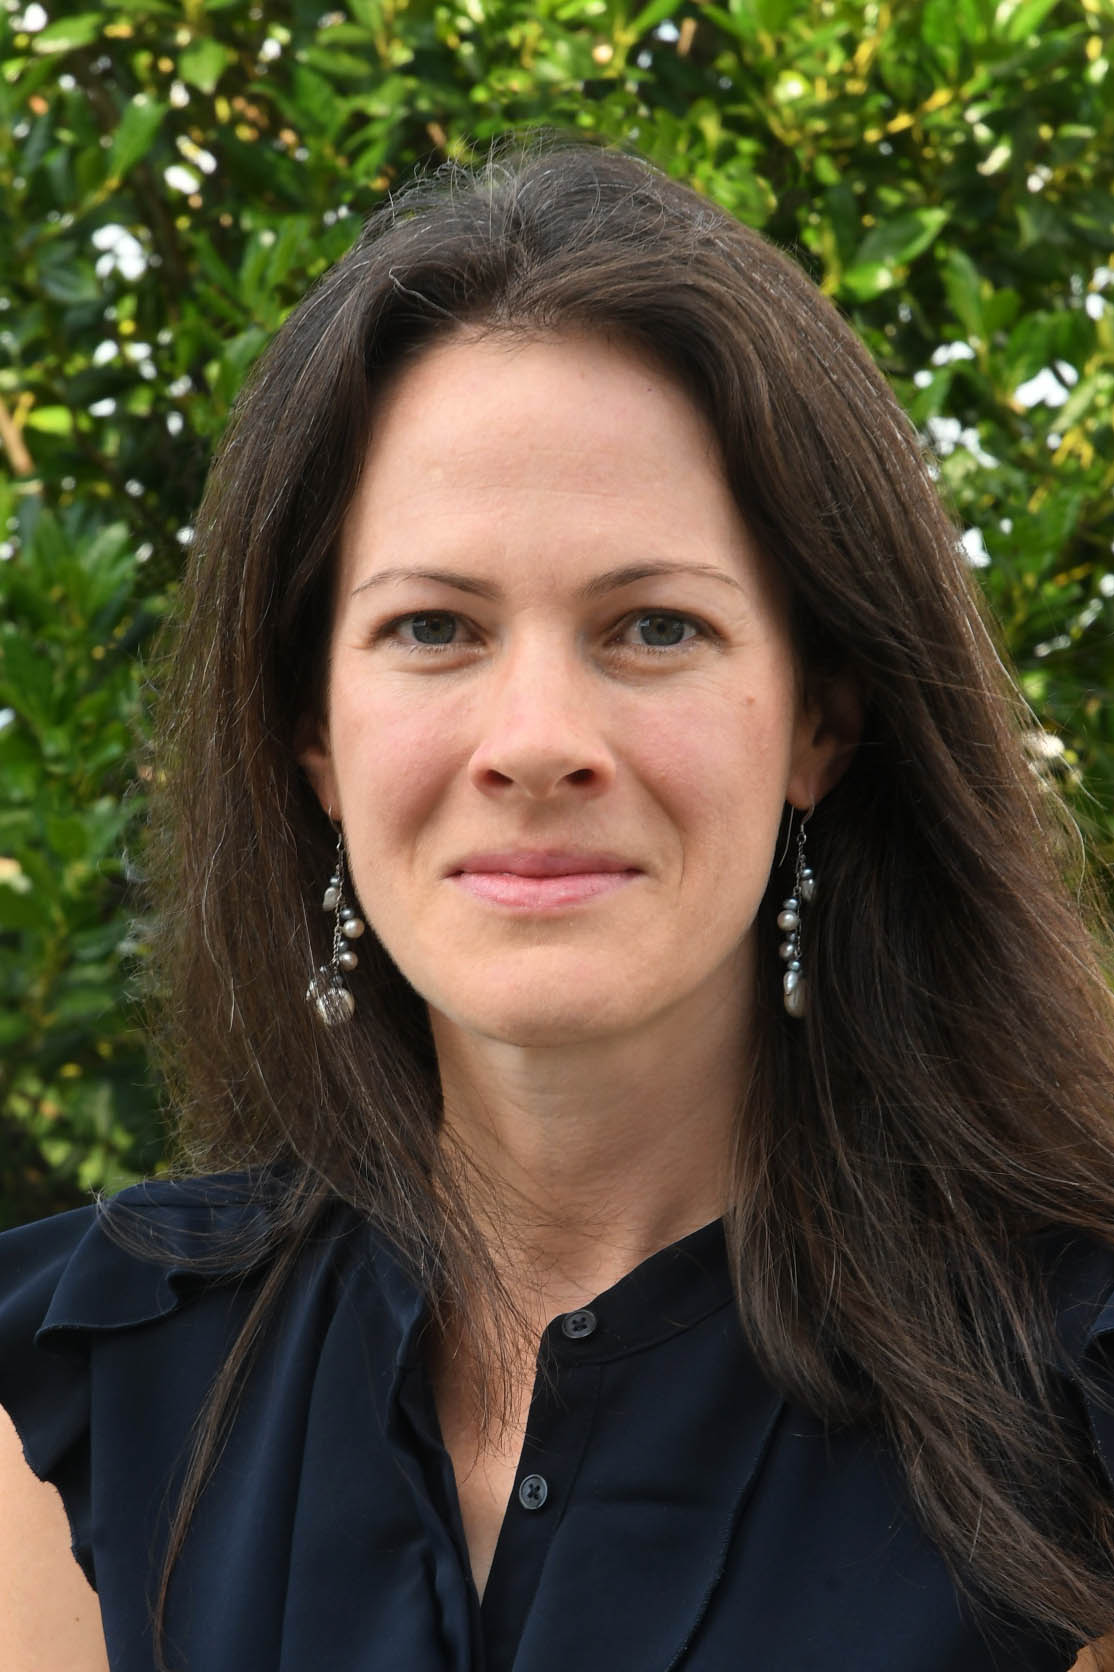 Lindsay De Biase